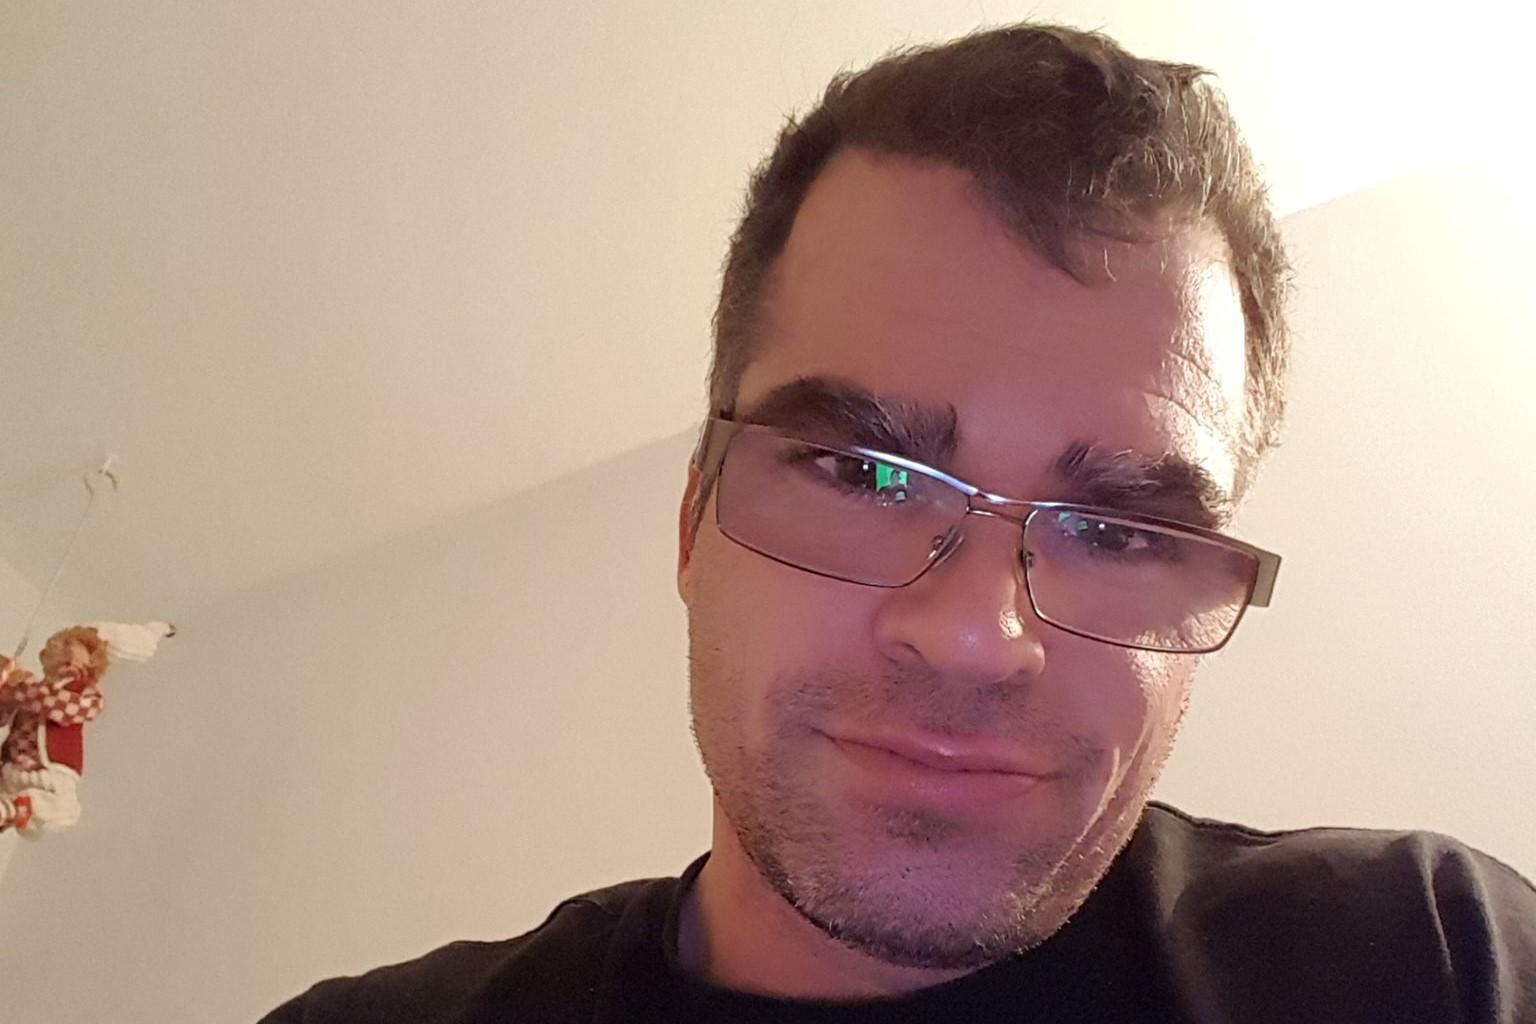 Grossière indécence : Sacha Rioux passera sept mois en prison